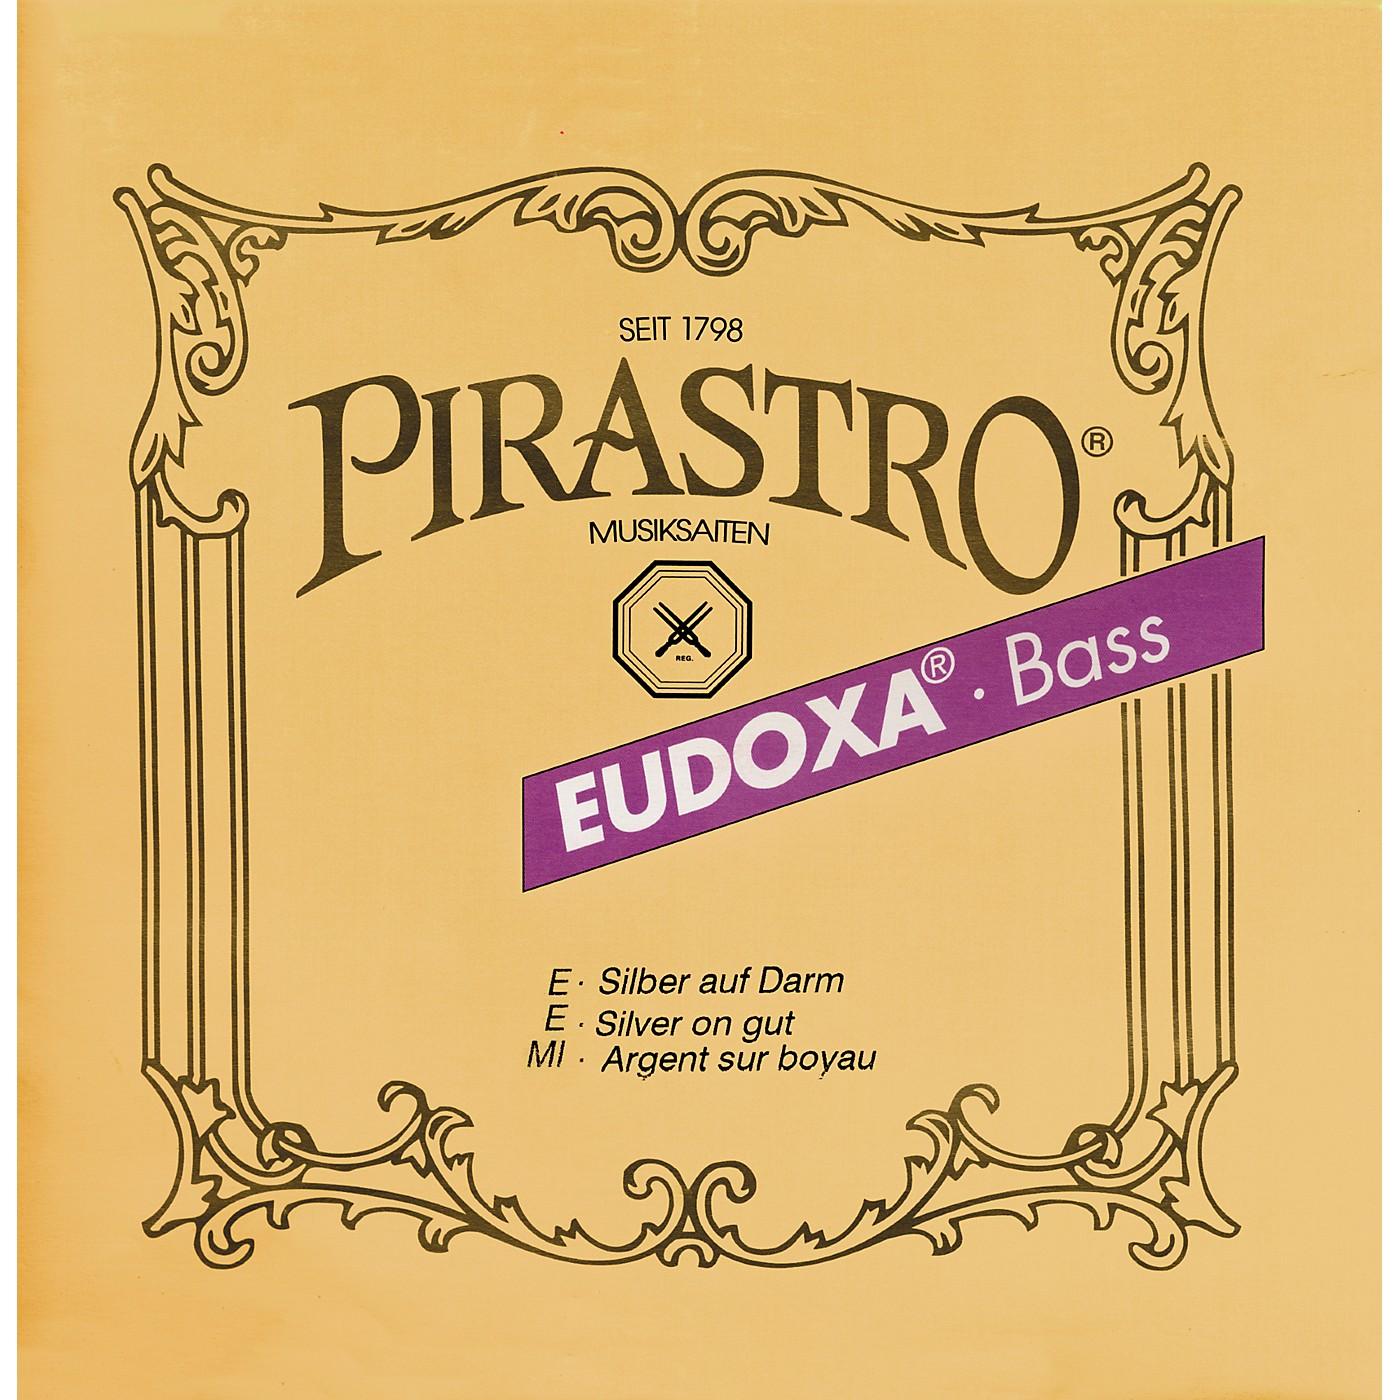 Pirastro Eudoxa Series Double Bass E String thumbnail